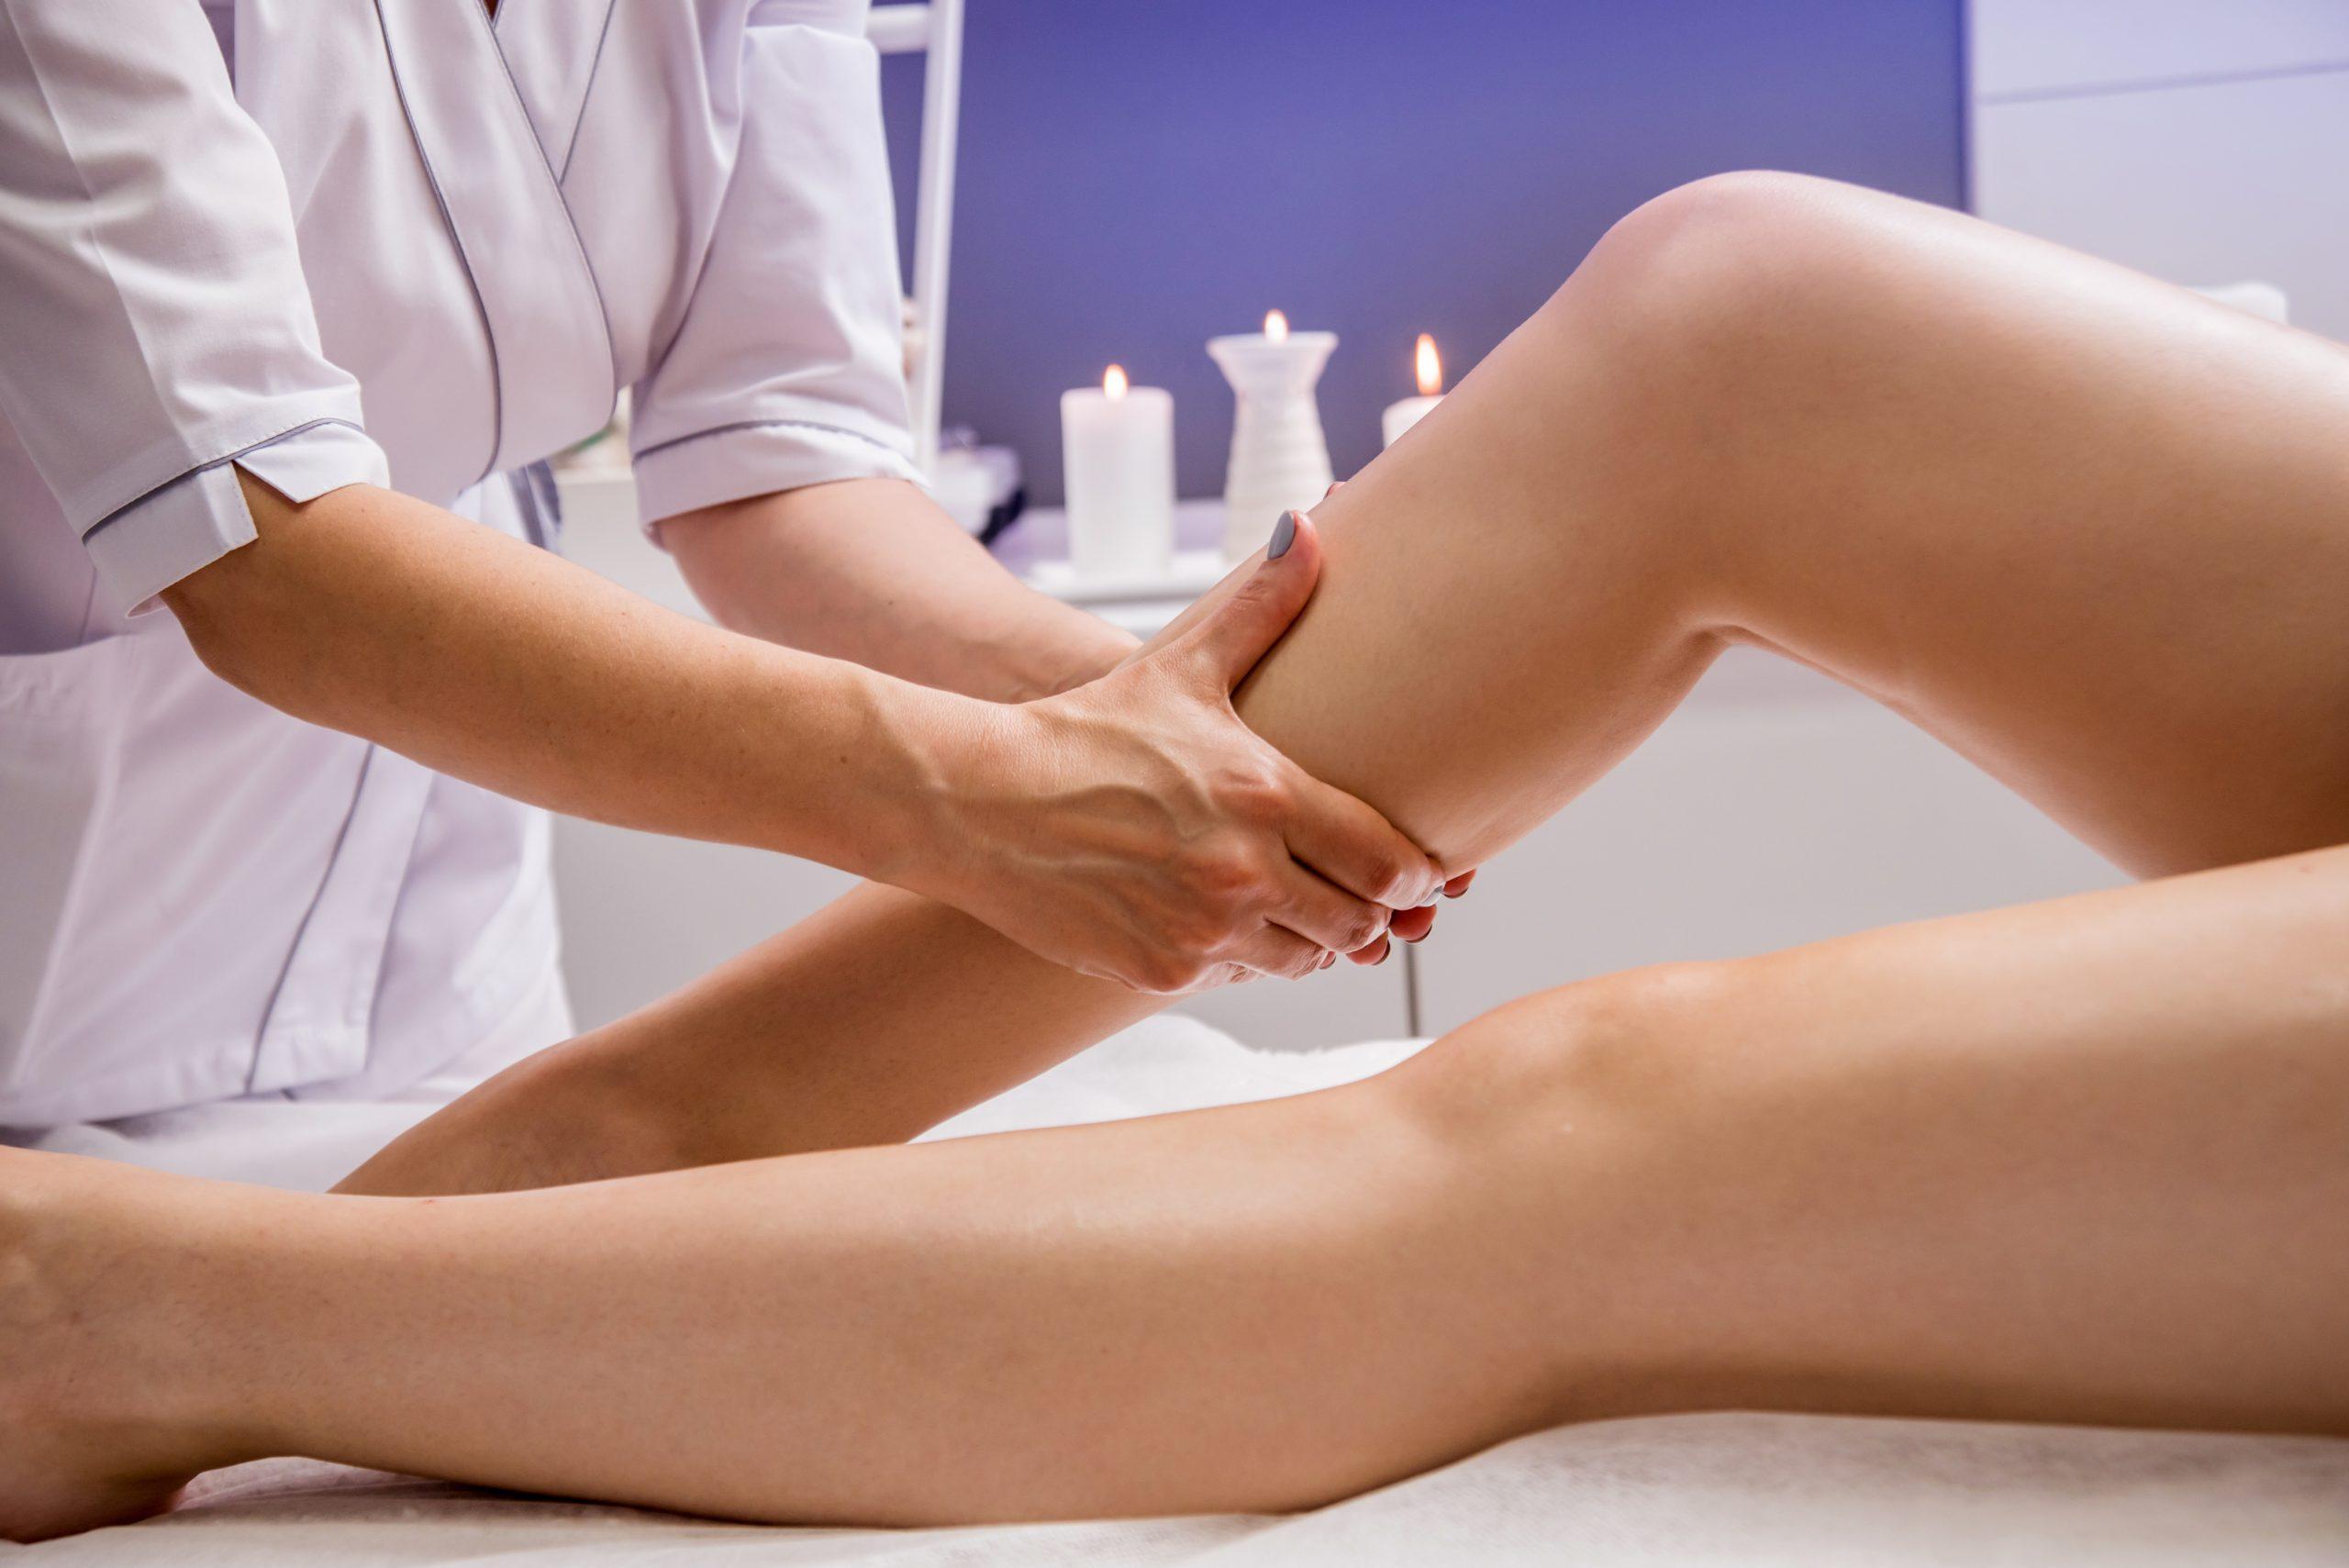 Thai massage - enjoy legs massage in spa salon